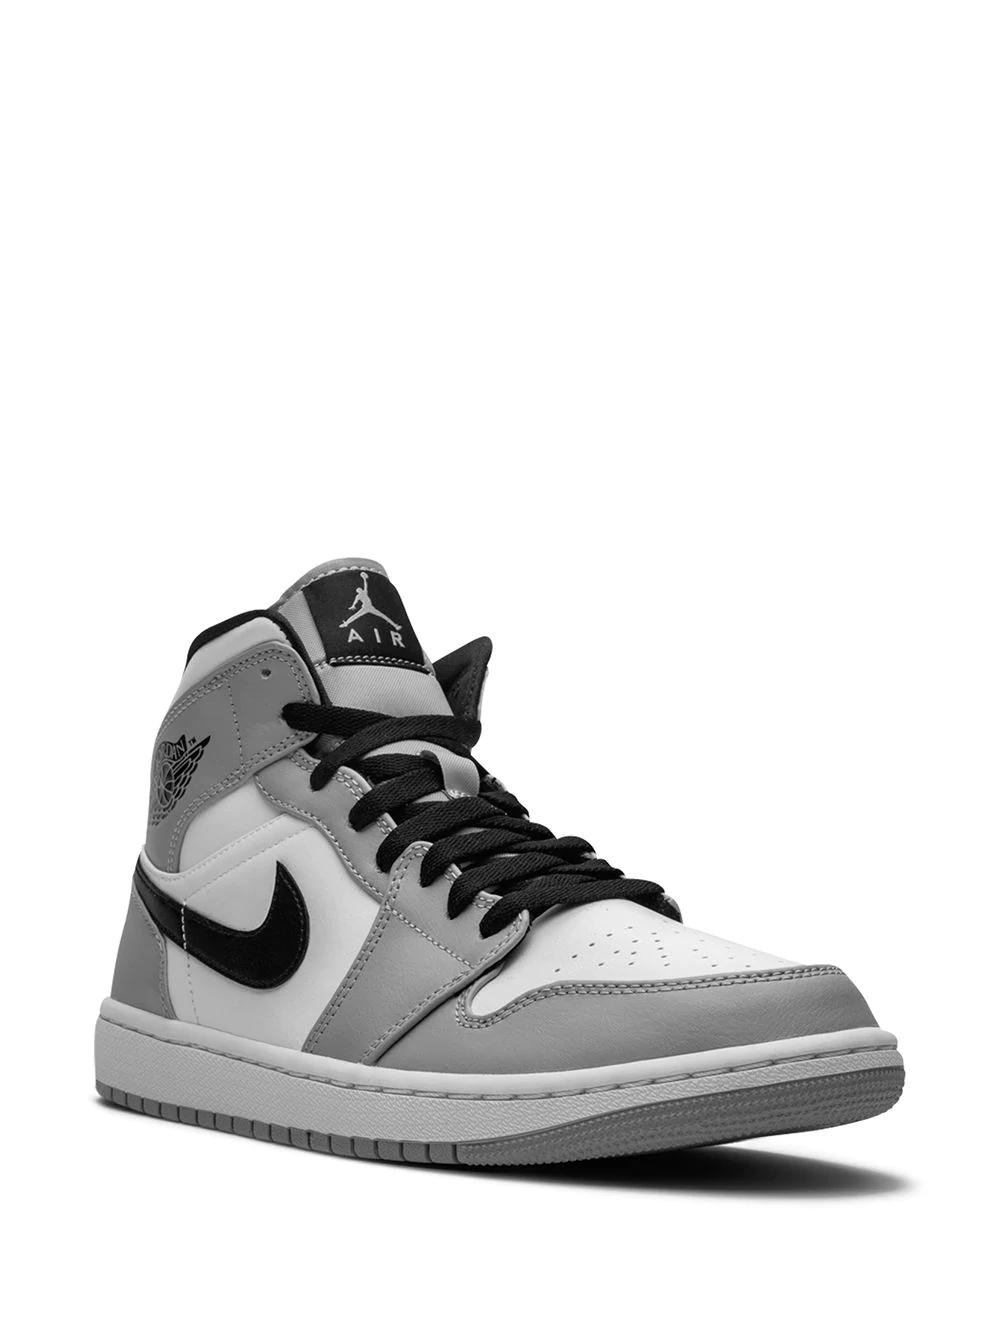 Кроссовки Nike Air Jordan 1 Mid, от 23 000 руб. (Farfetch)